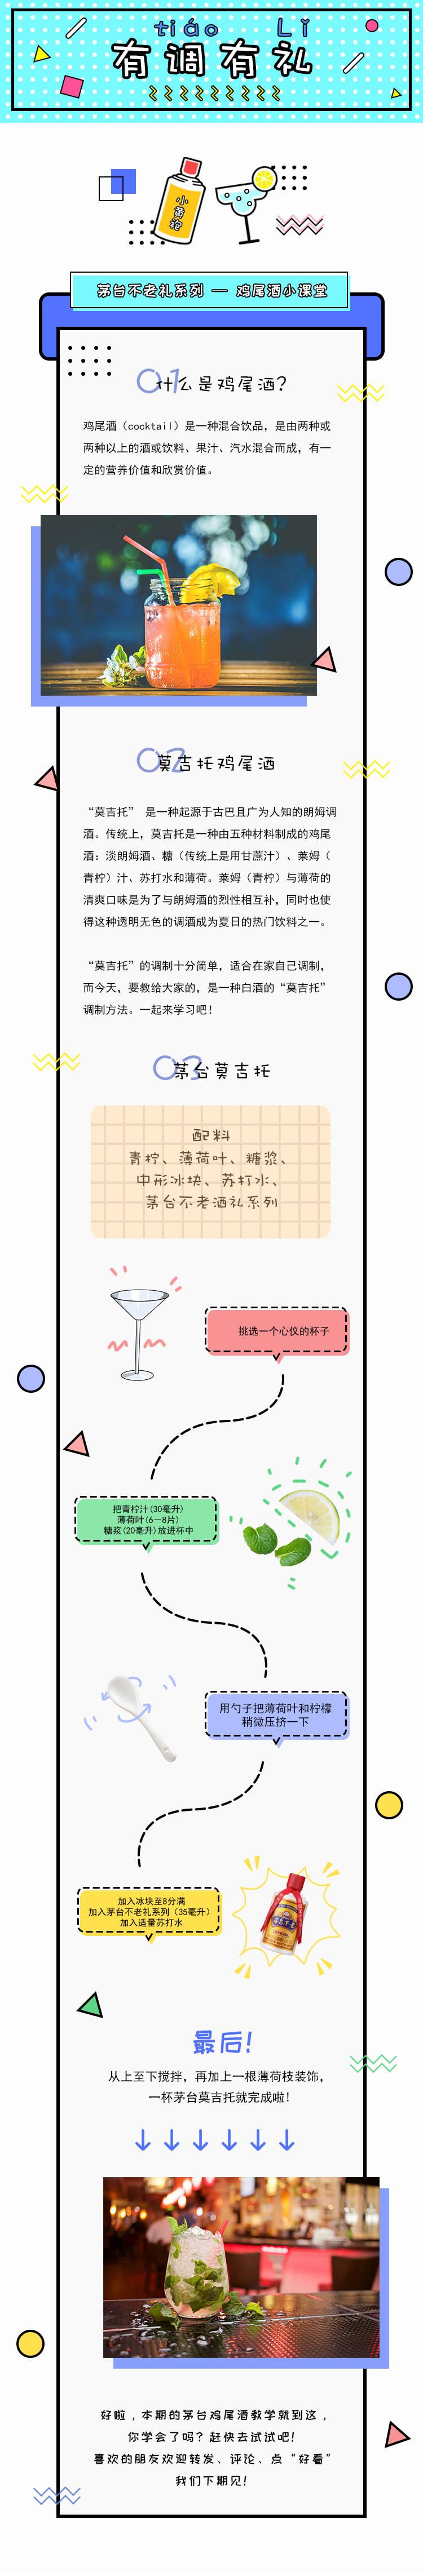 茅台不老酒系列——鸡尾酒小课堂开始啦